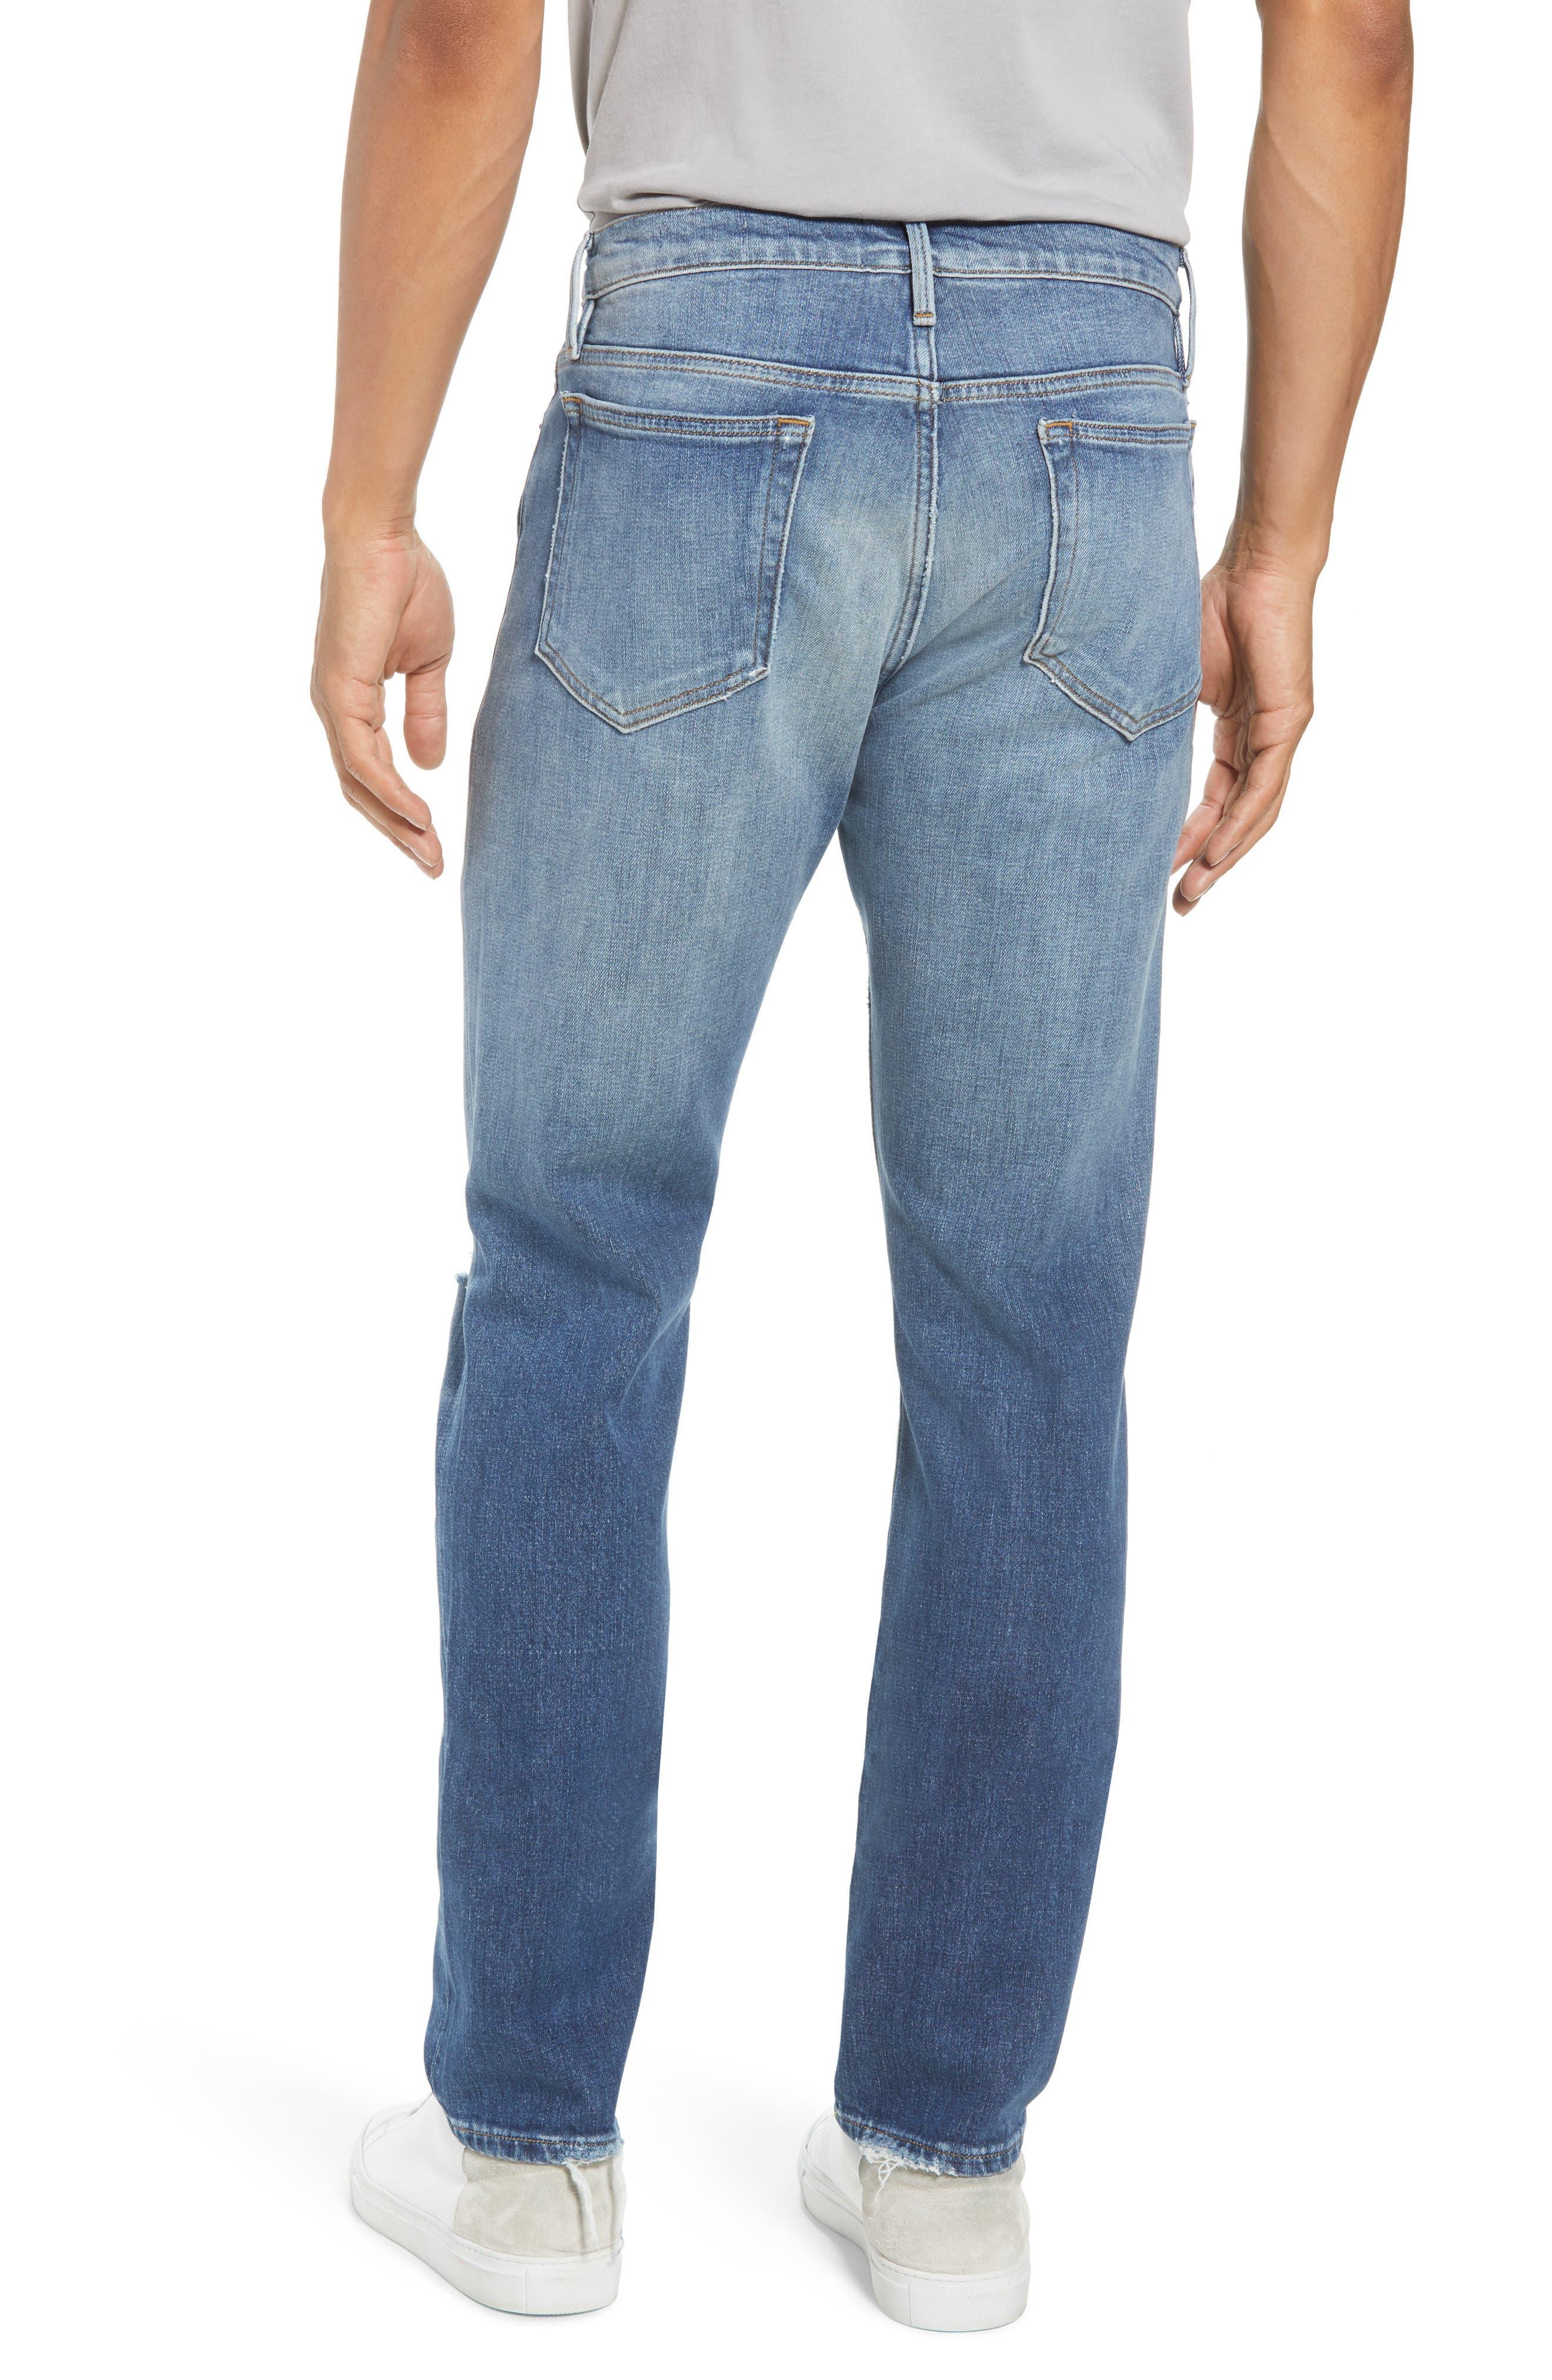 L'Homme Slim Fit Jeans,                             Alternate thumbnail 2, color,                             Yucca